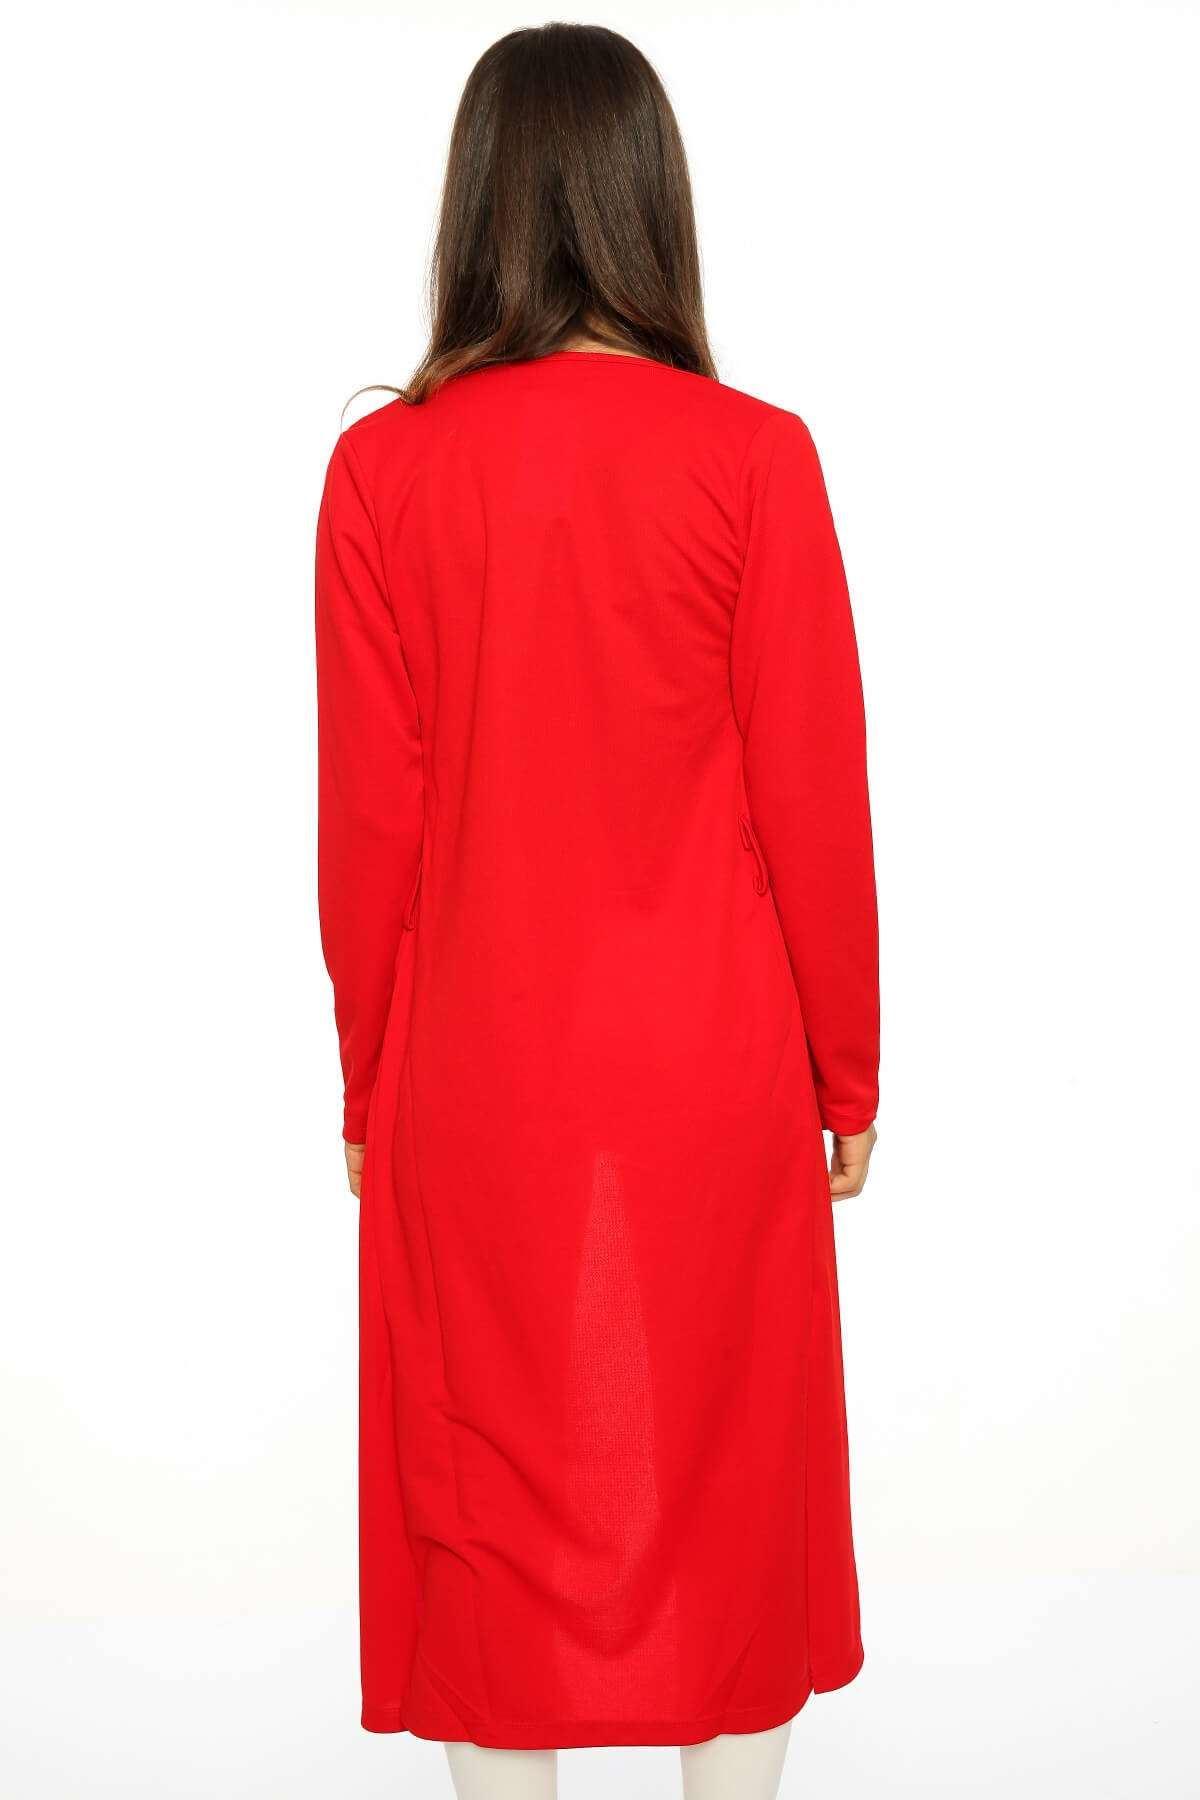 Kemer Detaylı Basic Uzun Hırka Kırmızı